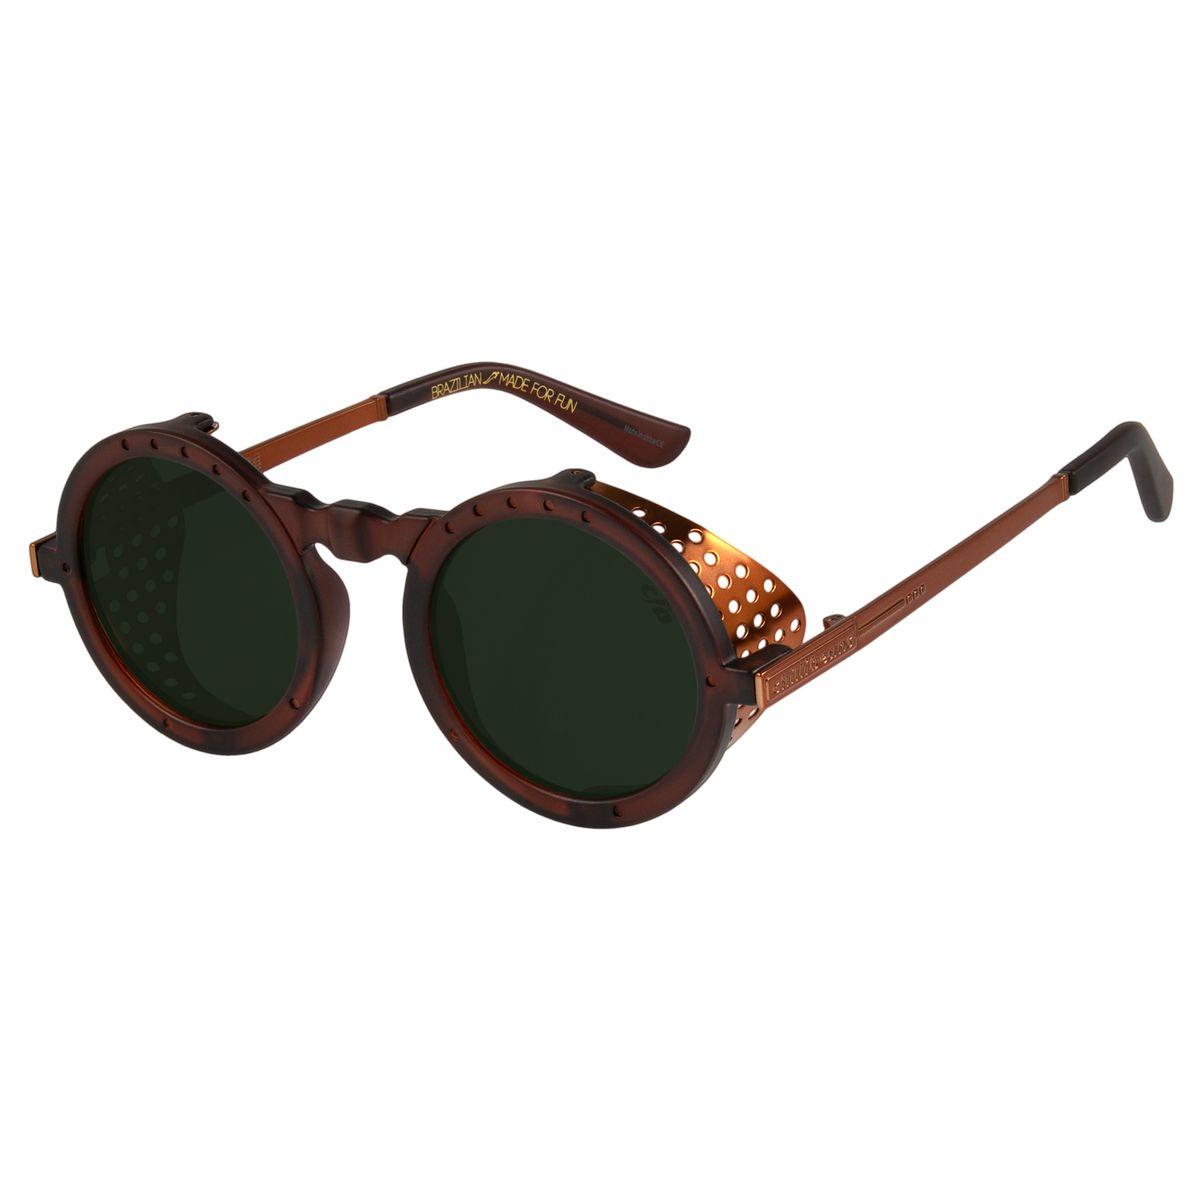 419f555ac3255 Óculos de Sol Infantil Alok Marrom 2557 - Chilli Beans